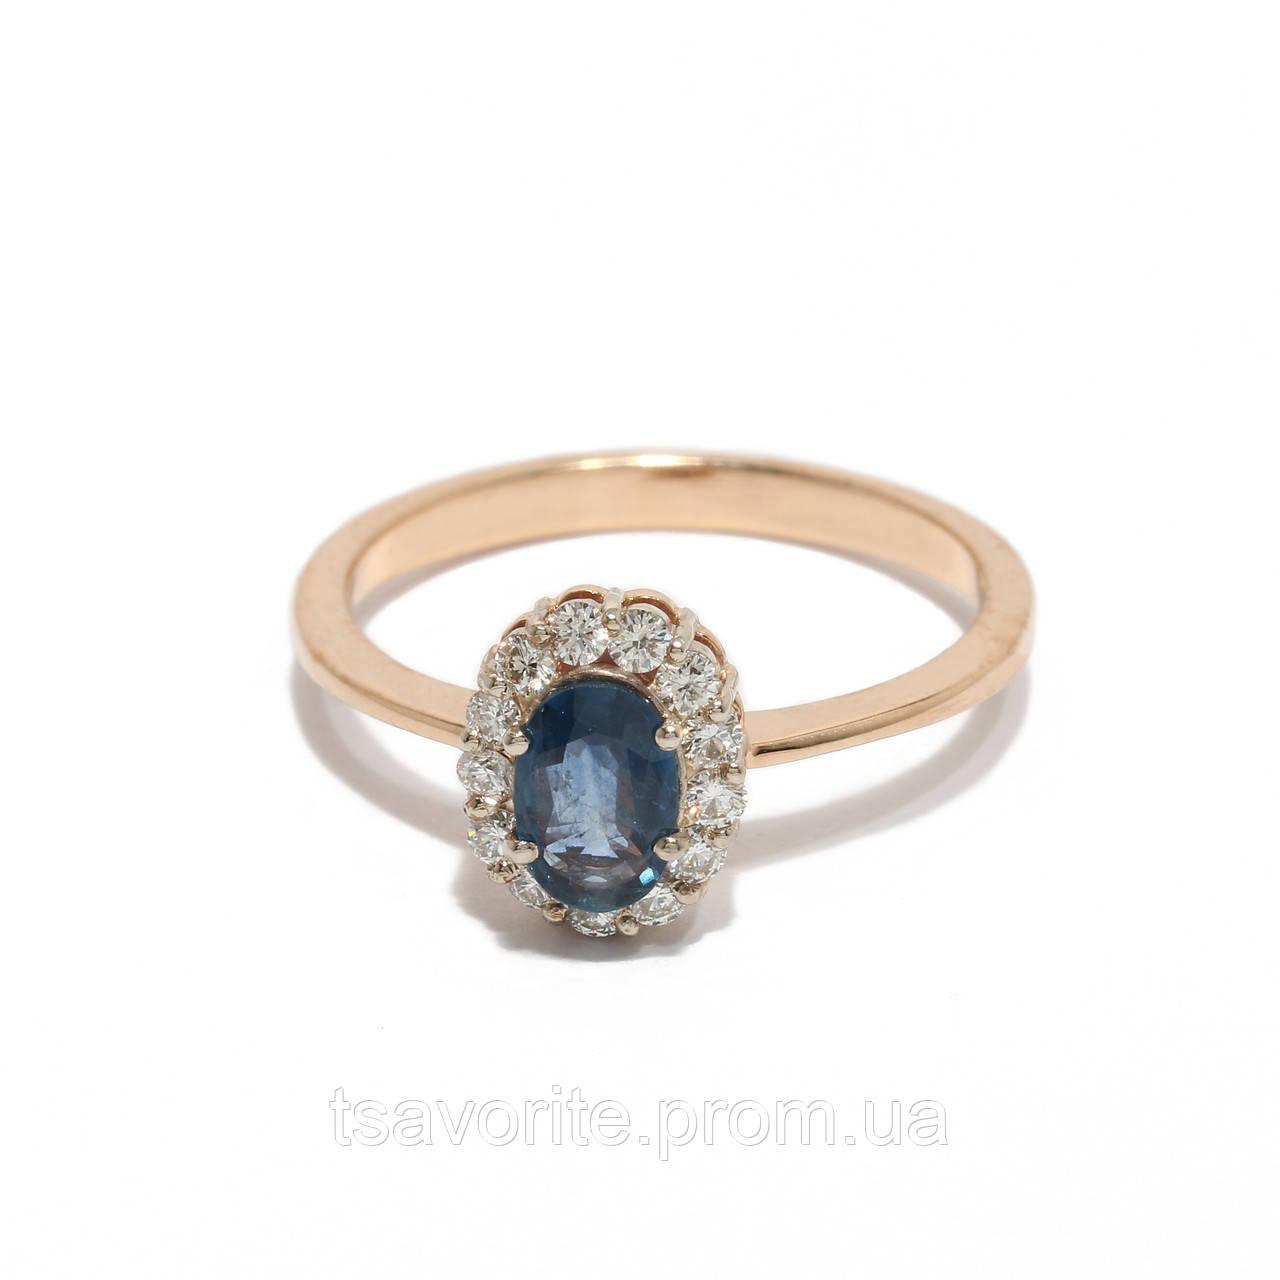 Золотое кольцо с сапфиром и бриллиантами 2231494